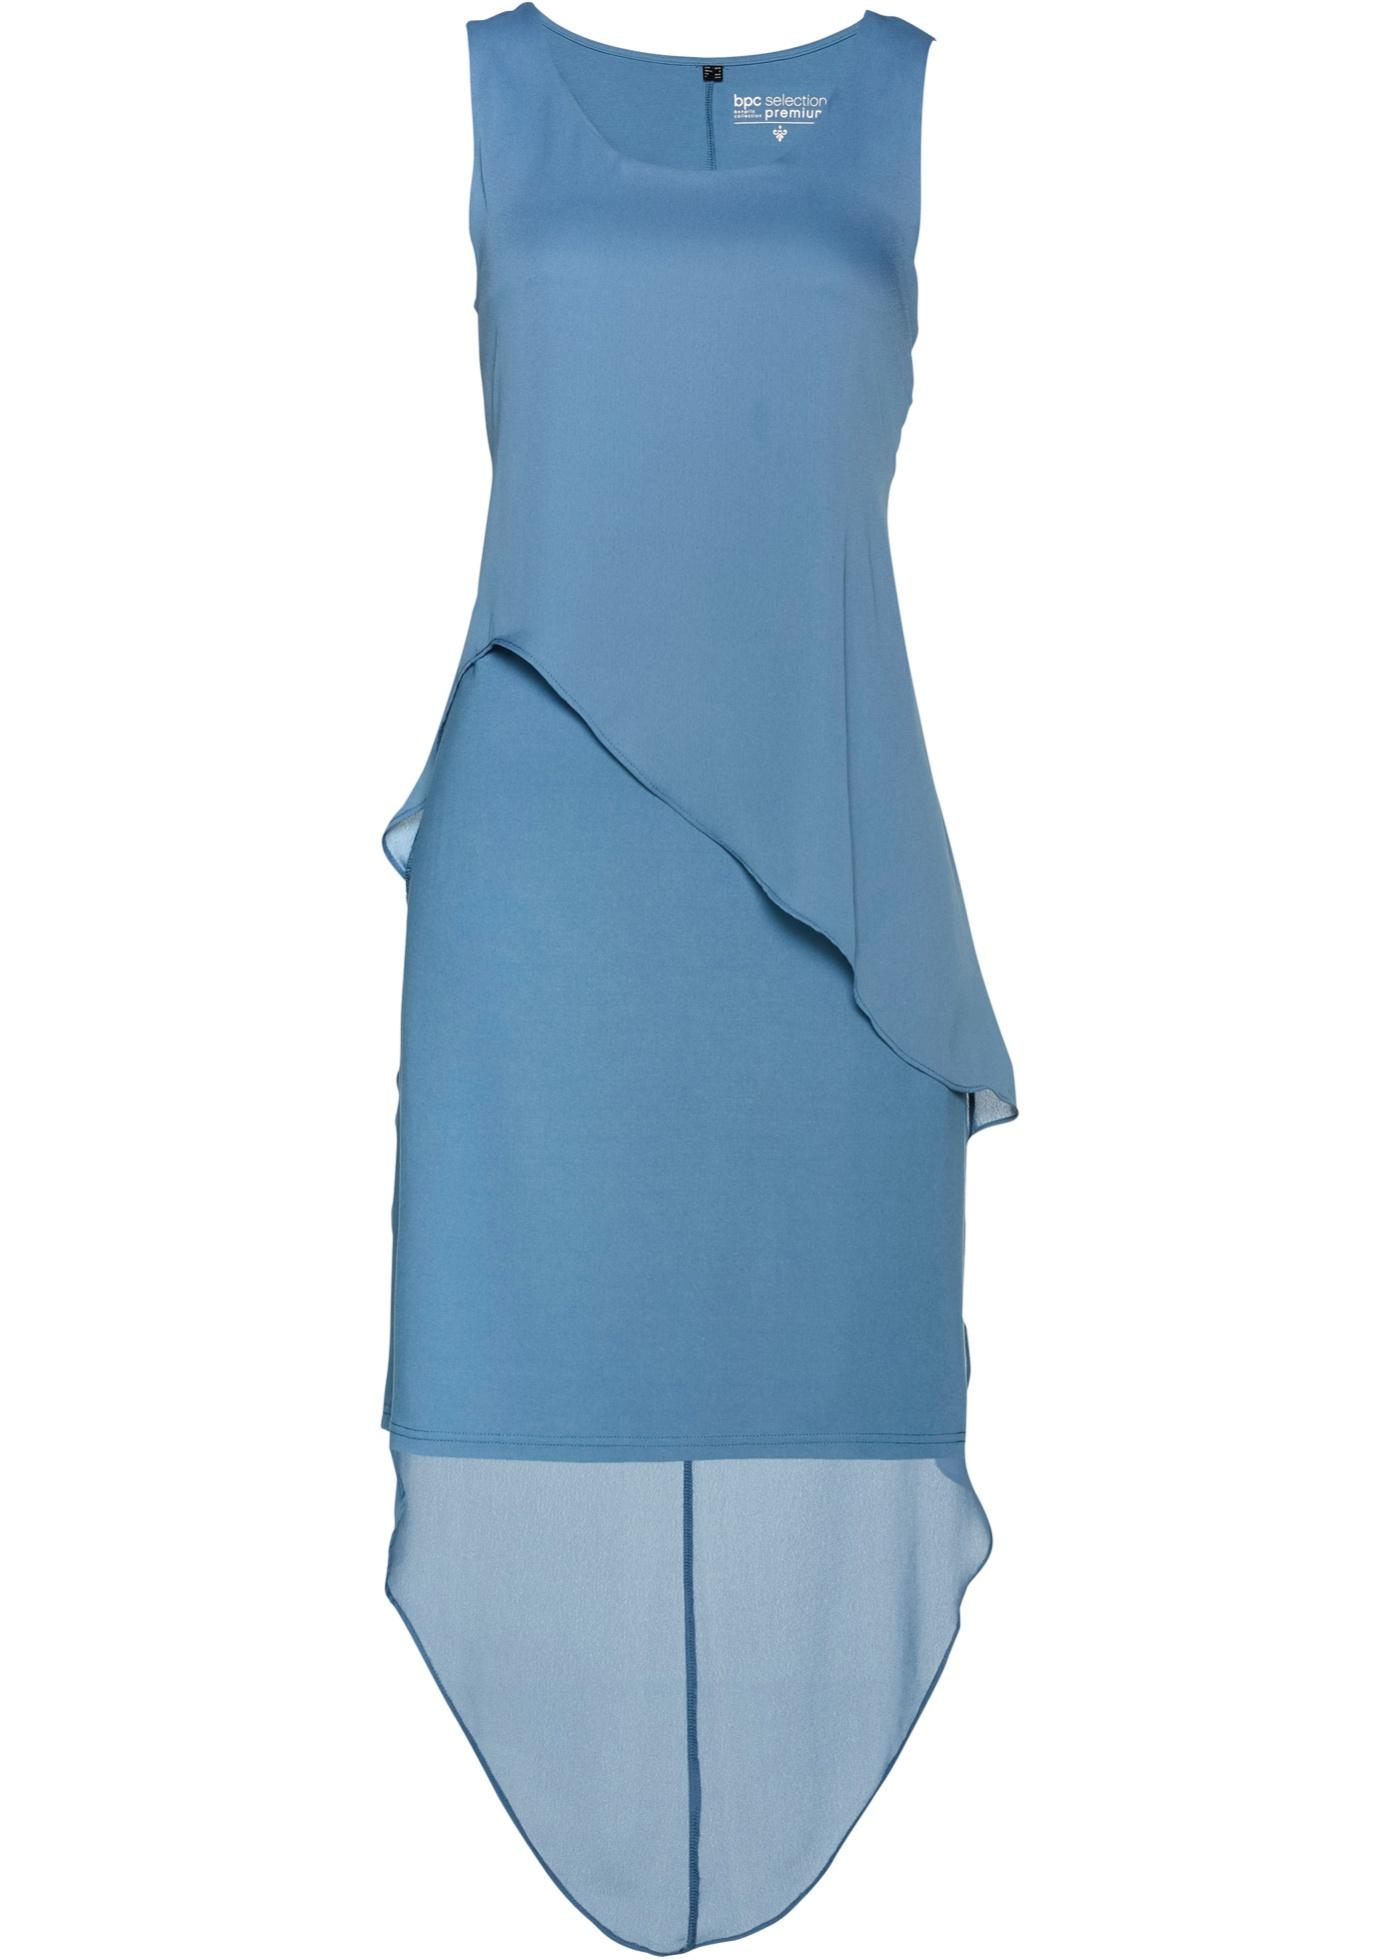 Puntokleid ohne Ärmel  in blau (Rundhals) für Damen von bonprix